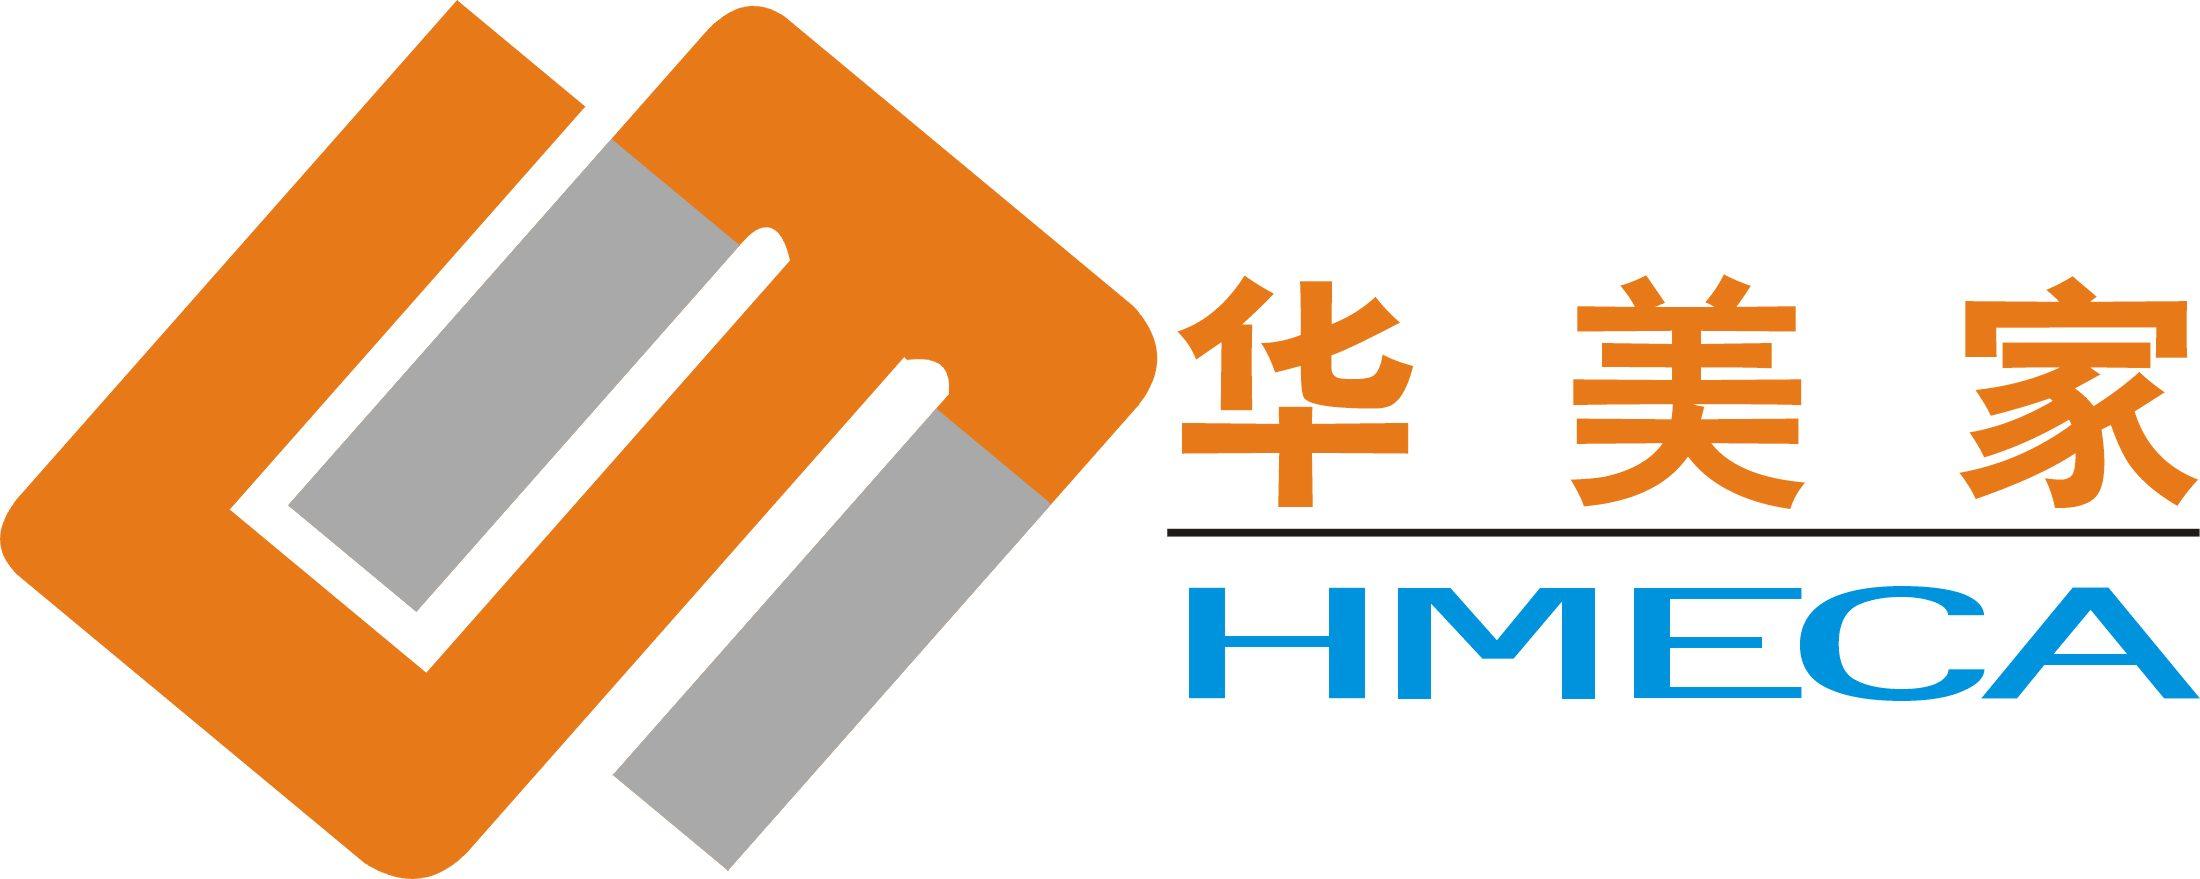 logo logo 标志 设计 矢量 矢量图 素材 图标 2200_879